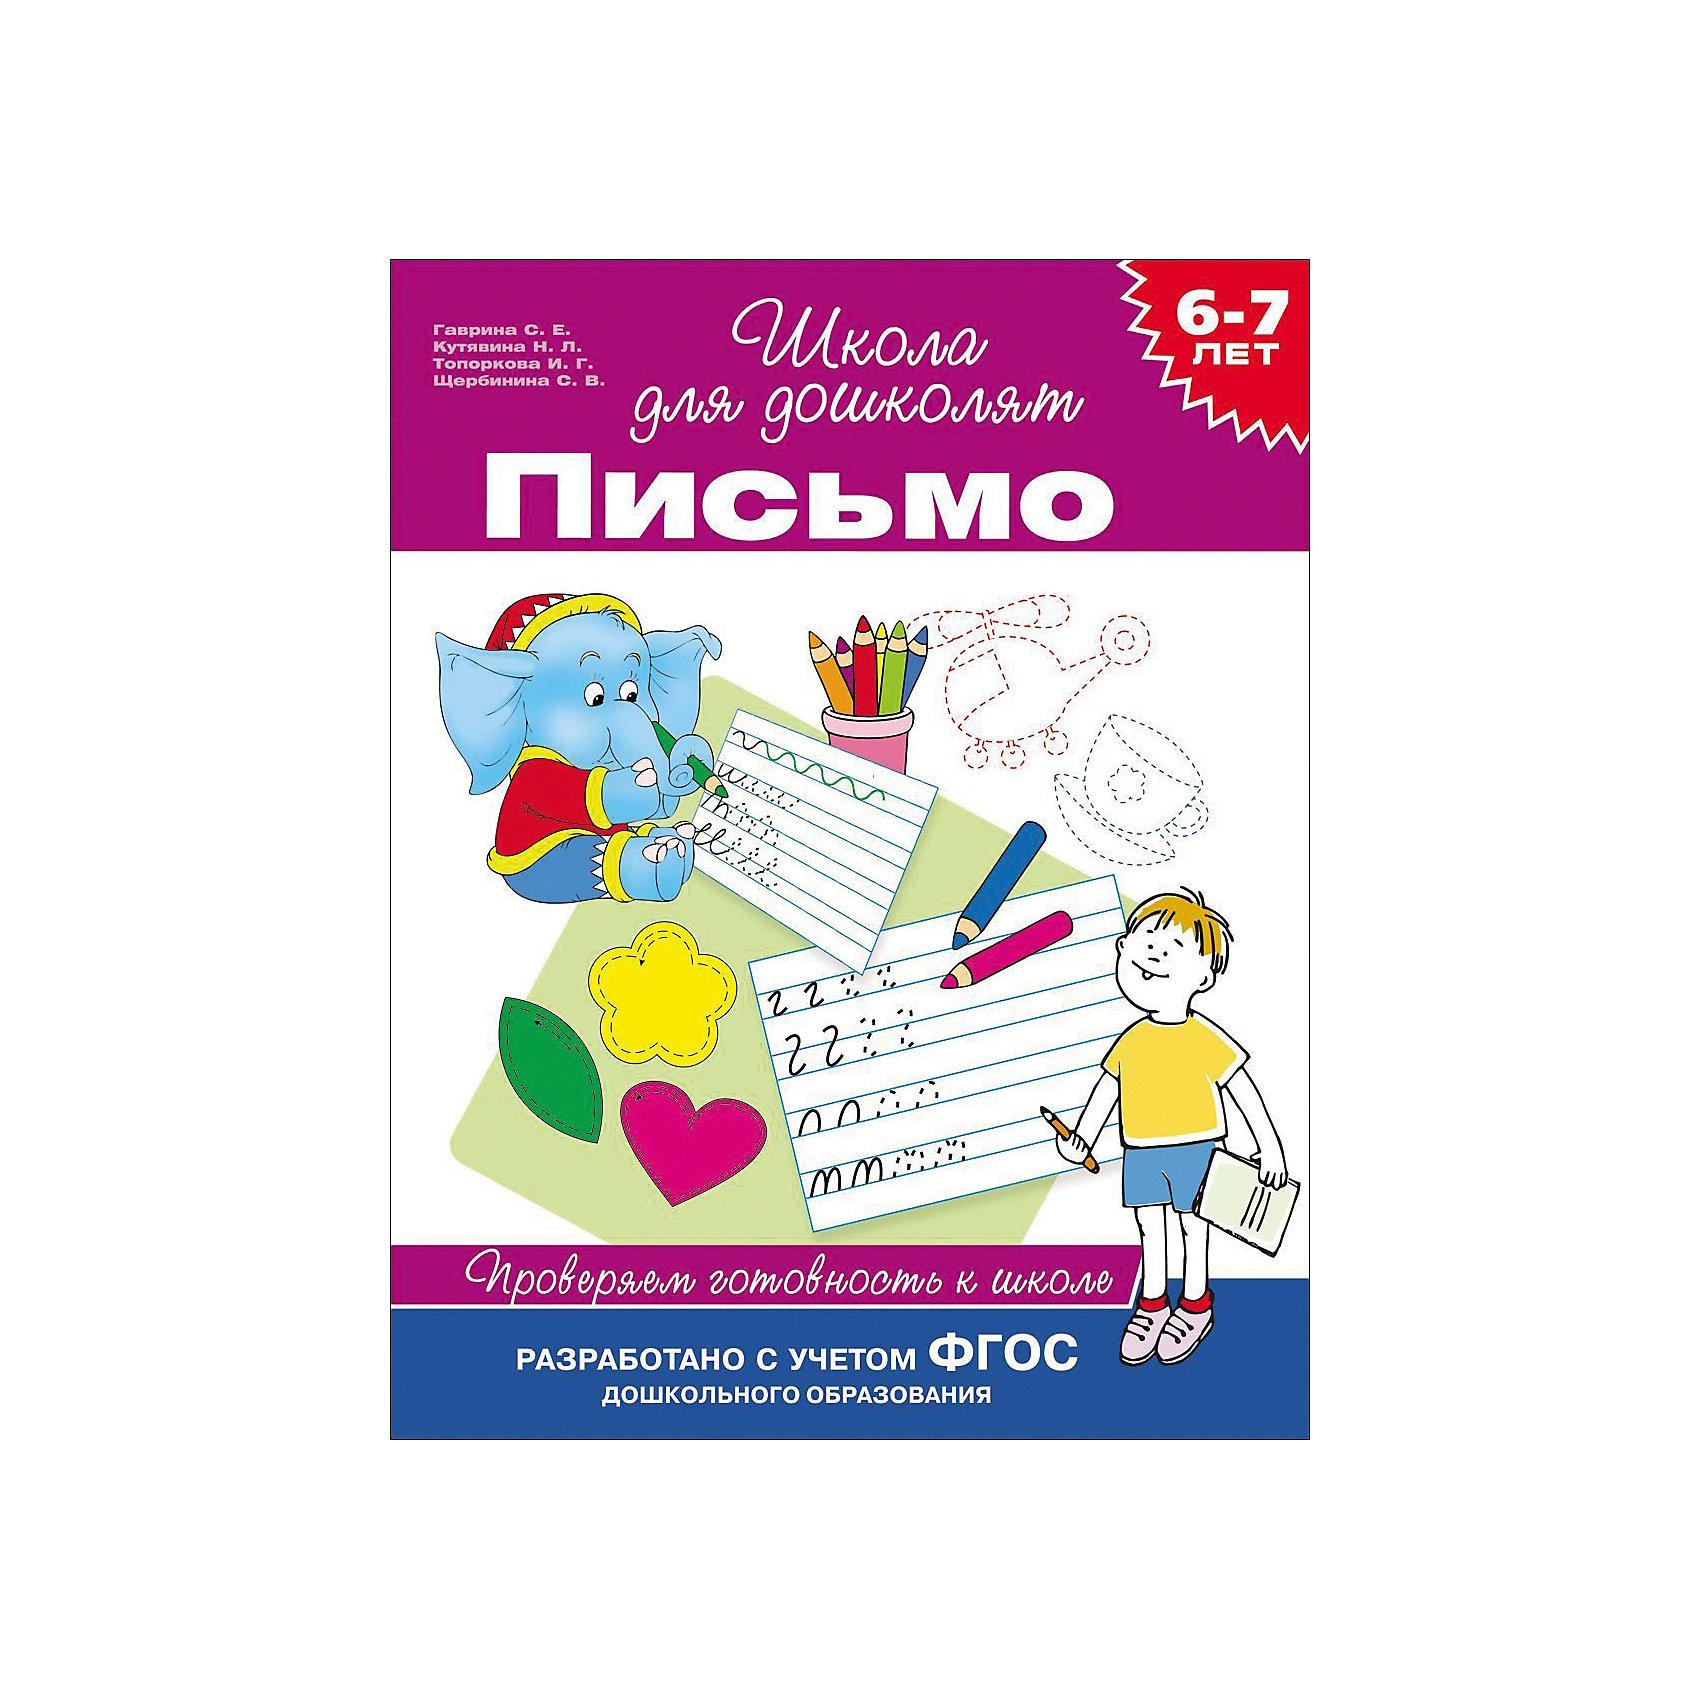 Письмо. Проверяем готовность к школеПрописи<br>Характеристики товара:<br><br>- цвет: разноцветный;<br>- материал: бумага;<br>- страниц: 80;<br>- формат: 26 х 20 см;<br>- обложка: мягкая.<br><br>Проверить готовность ребенка к школе - легко! Это издание станет отличным помощником для родителей. Оно сделано по методике, с помощью которой они легко могут определить уровень развития ребенка и скорректировать его навыки перед походом в школу. Дети с удовольствием выполняют предложенные задания!<br>Прохождение тестов помогает ребенку развивать зрительную память, концентрацию внимания и воображение. Издание произведено из качественных материалов, которые безопасны даже для самых маленьких.<br><br>Издание Письмо. Проверяем готовность к школе от компании Росмэн можно купить в нашем интернет-магазине.<br><br>Ширина мм: 225<br>Глубина мм: 195<br>Высота мм: 5<br>Вес г: 160<br>Возраст от месяцев: 60<br>Возраст до месяцев: 84<br>Пол: Унисекс<br>Возраст: Детский<br>SKU: 5110213